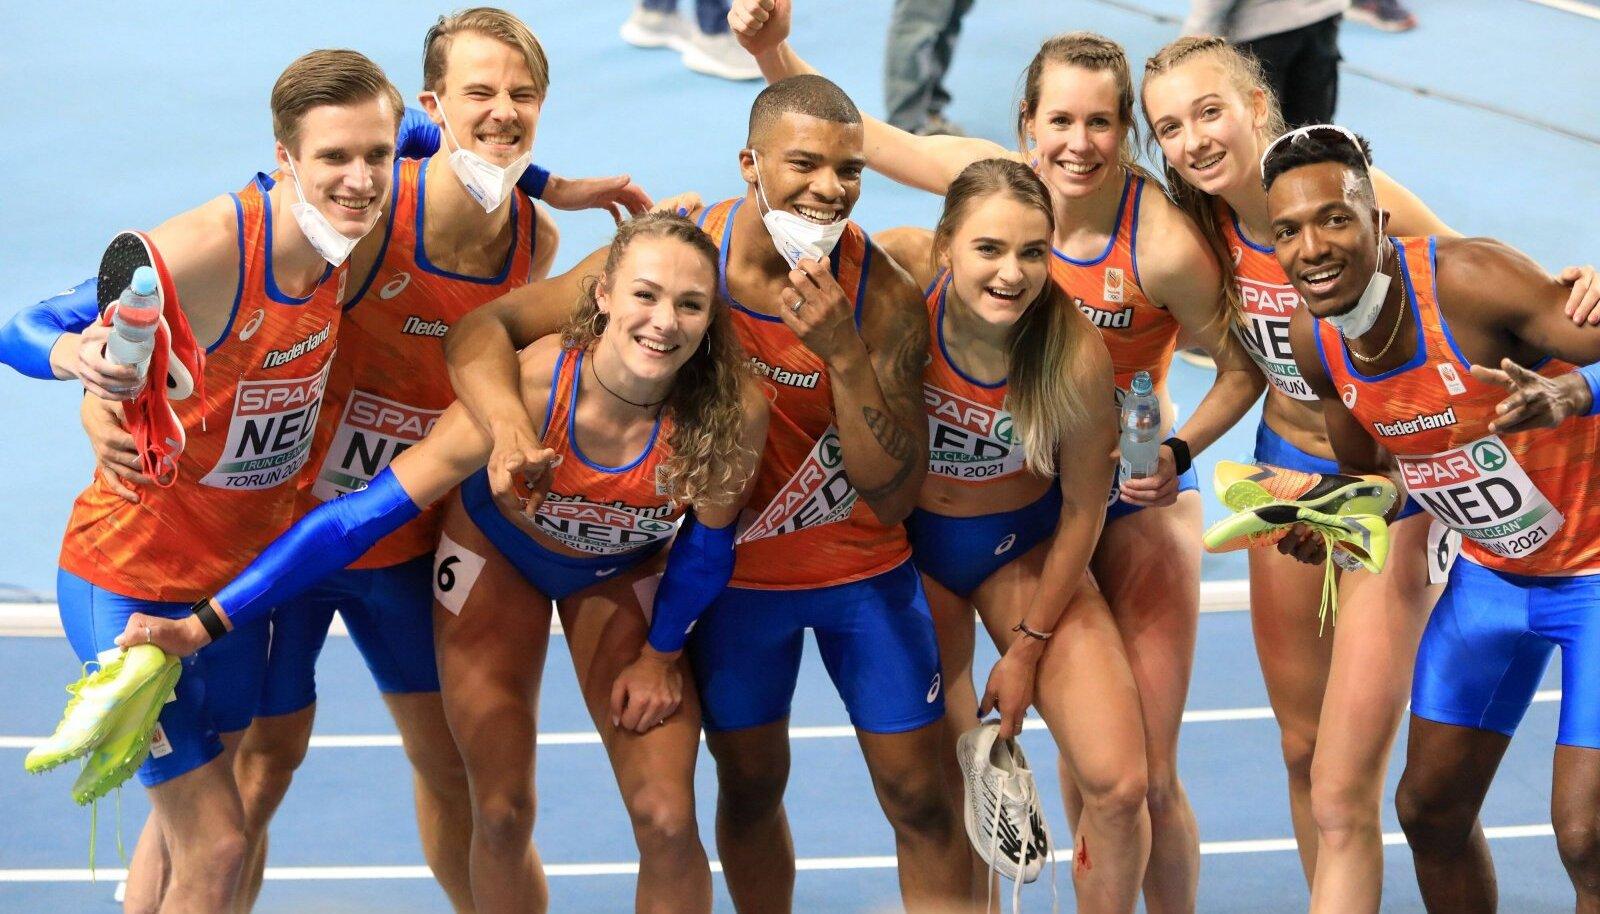 Hollandil läks sportlikult väga hästi, nelja kullaga trooniti medalitabeli tipus, võideti nii meeste kui ka naiste 4 x 400 meetri jooksud, paraku on nüüdseks kaheksa koondislast nakatunud koroonaviirusesse.